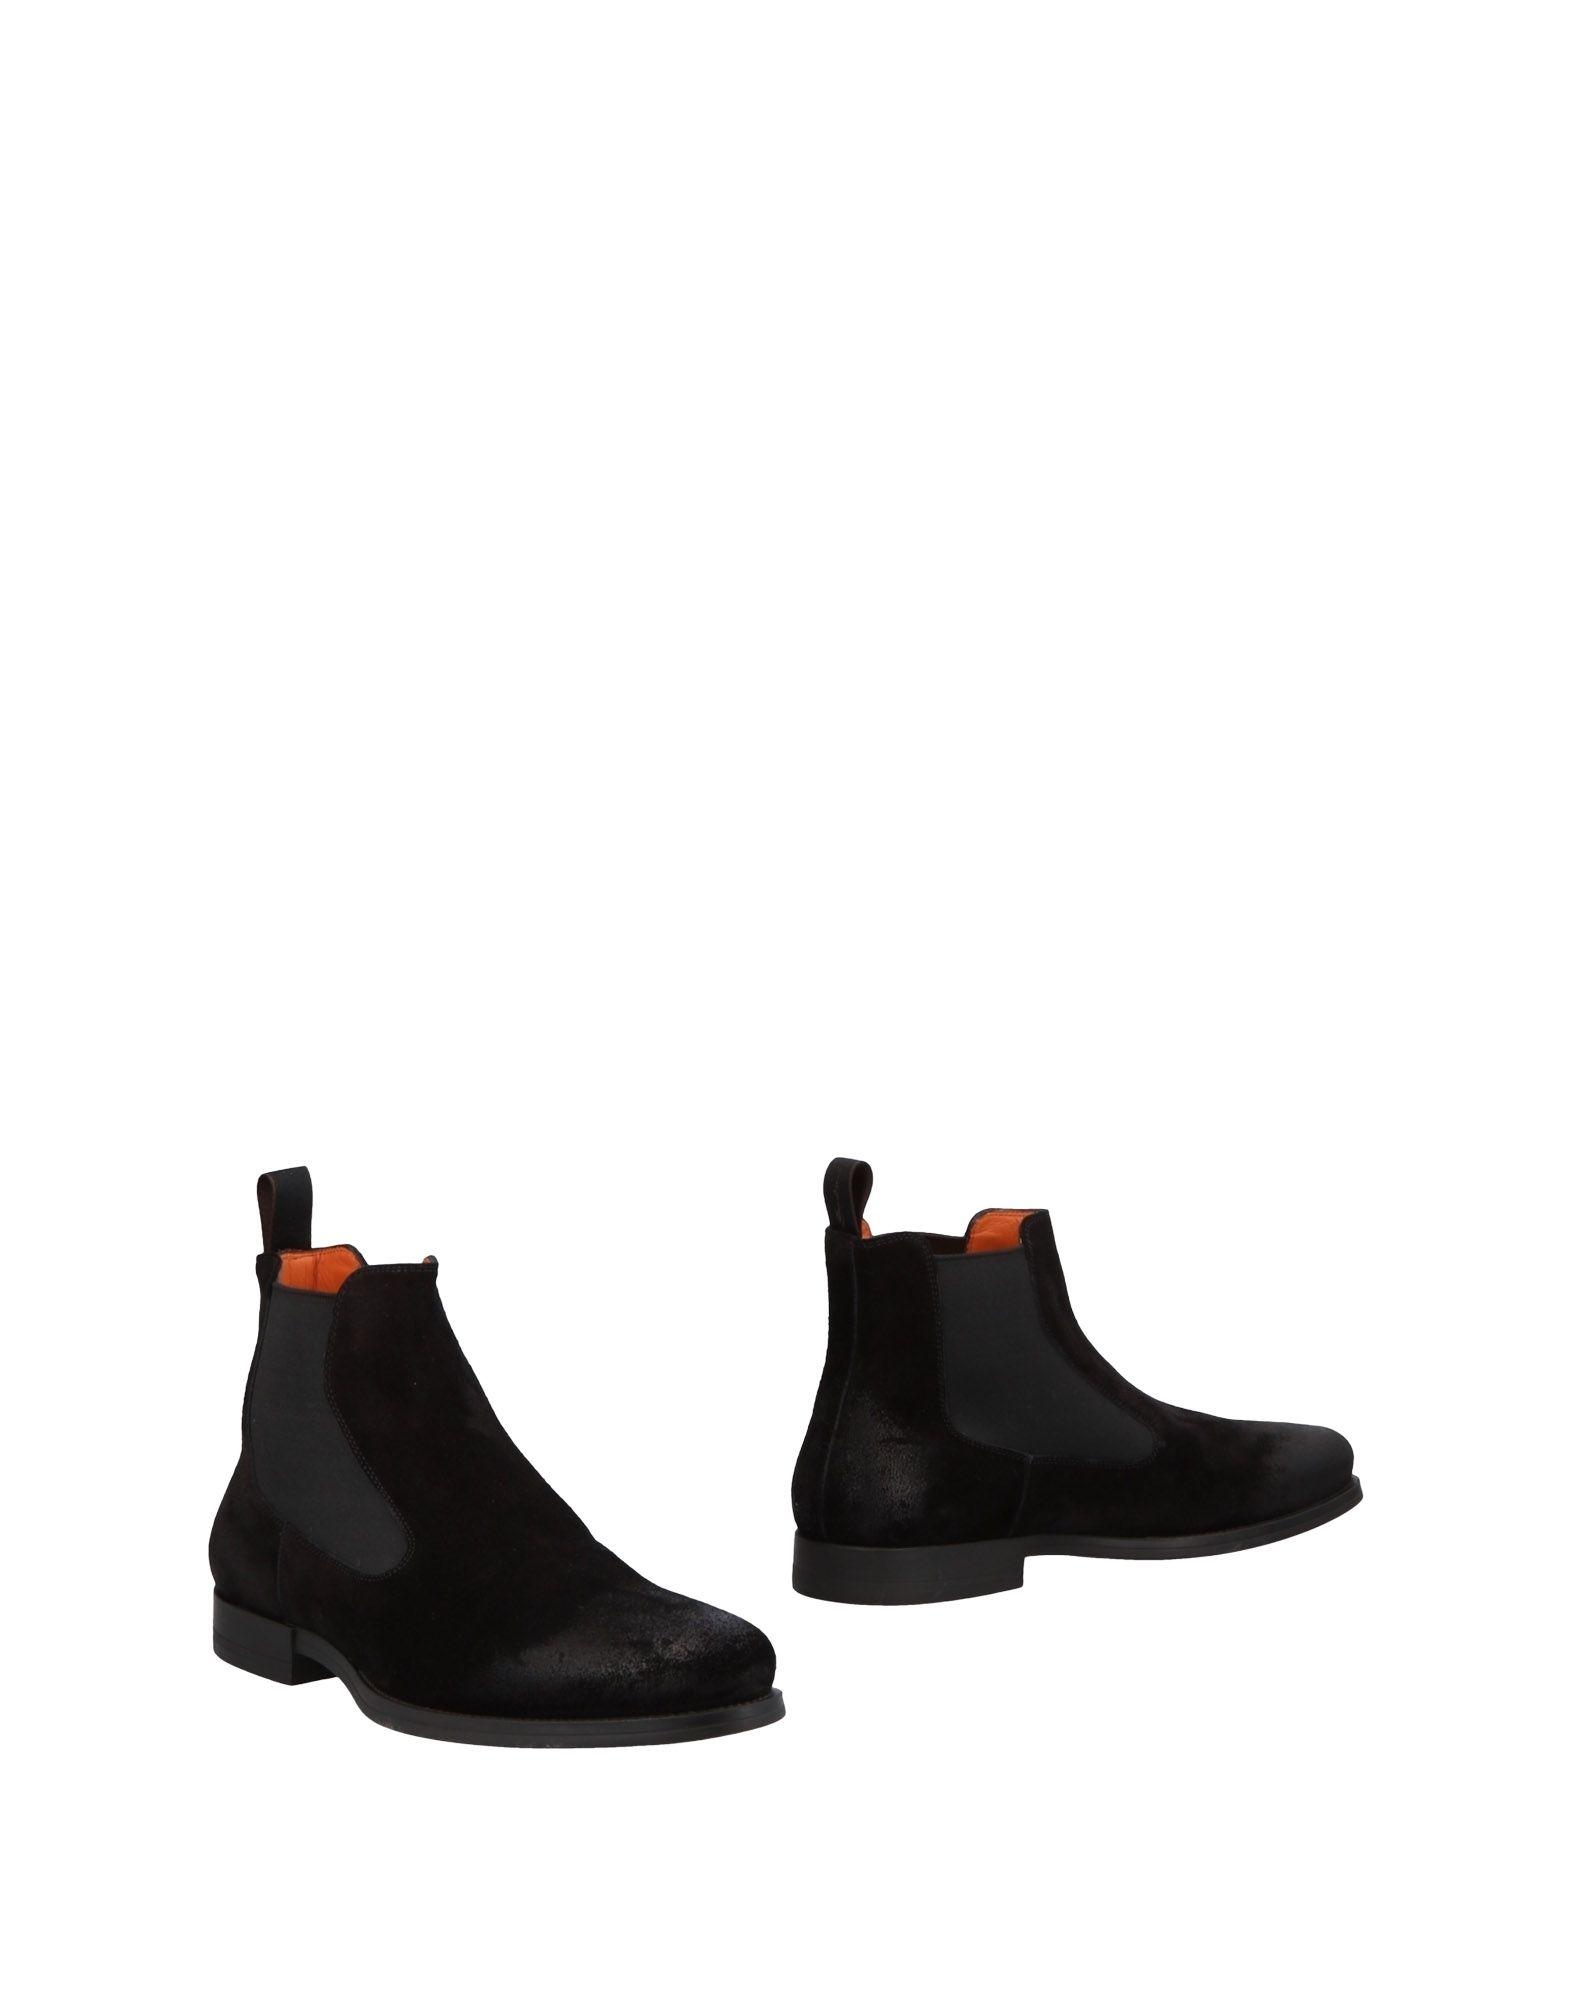 Santoni Stiefelette Herren  11284007VK Gute Qualität beliebte Schuhe